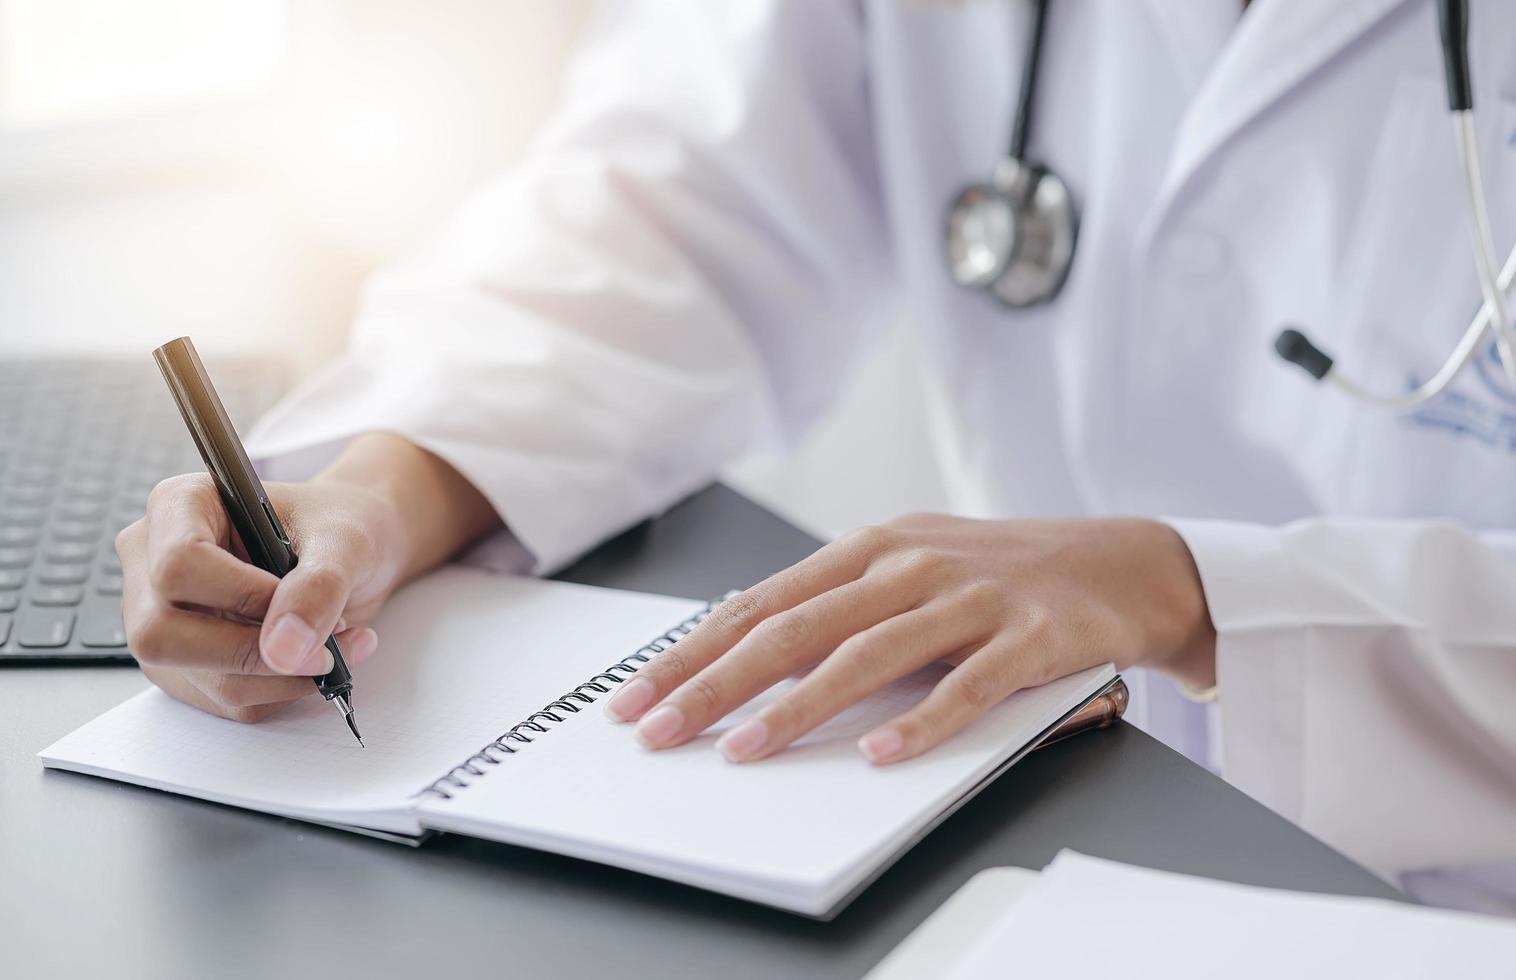 femme médecin écrit sur ordinateur portable photo